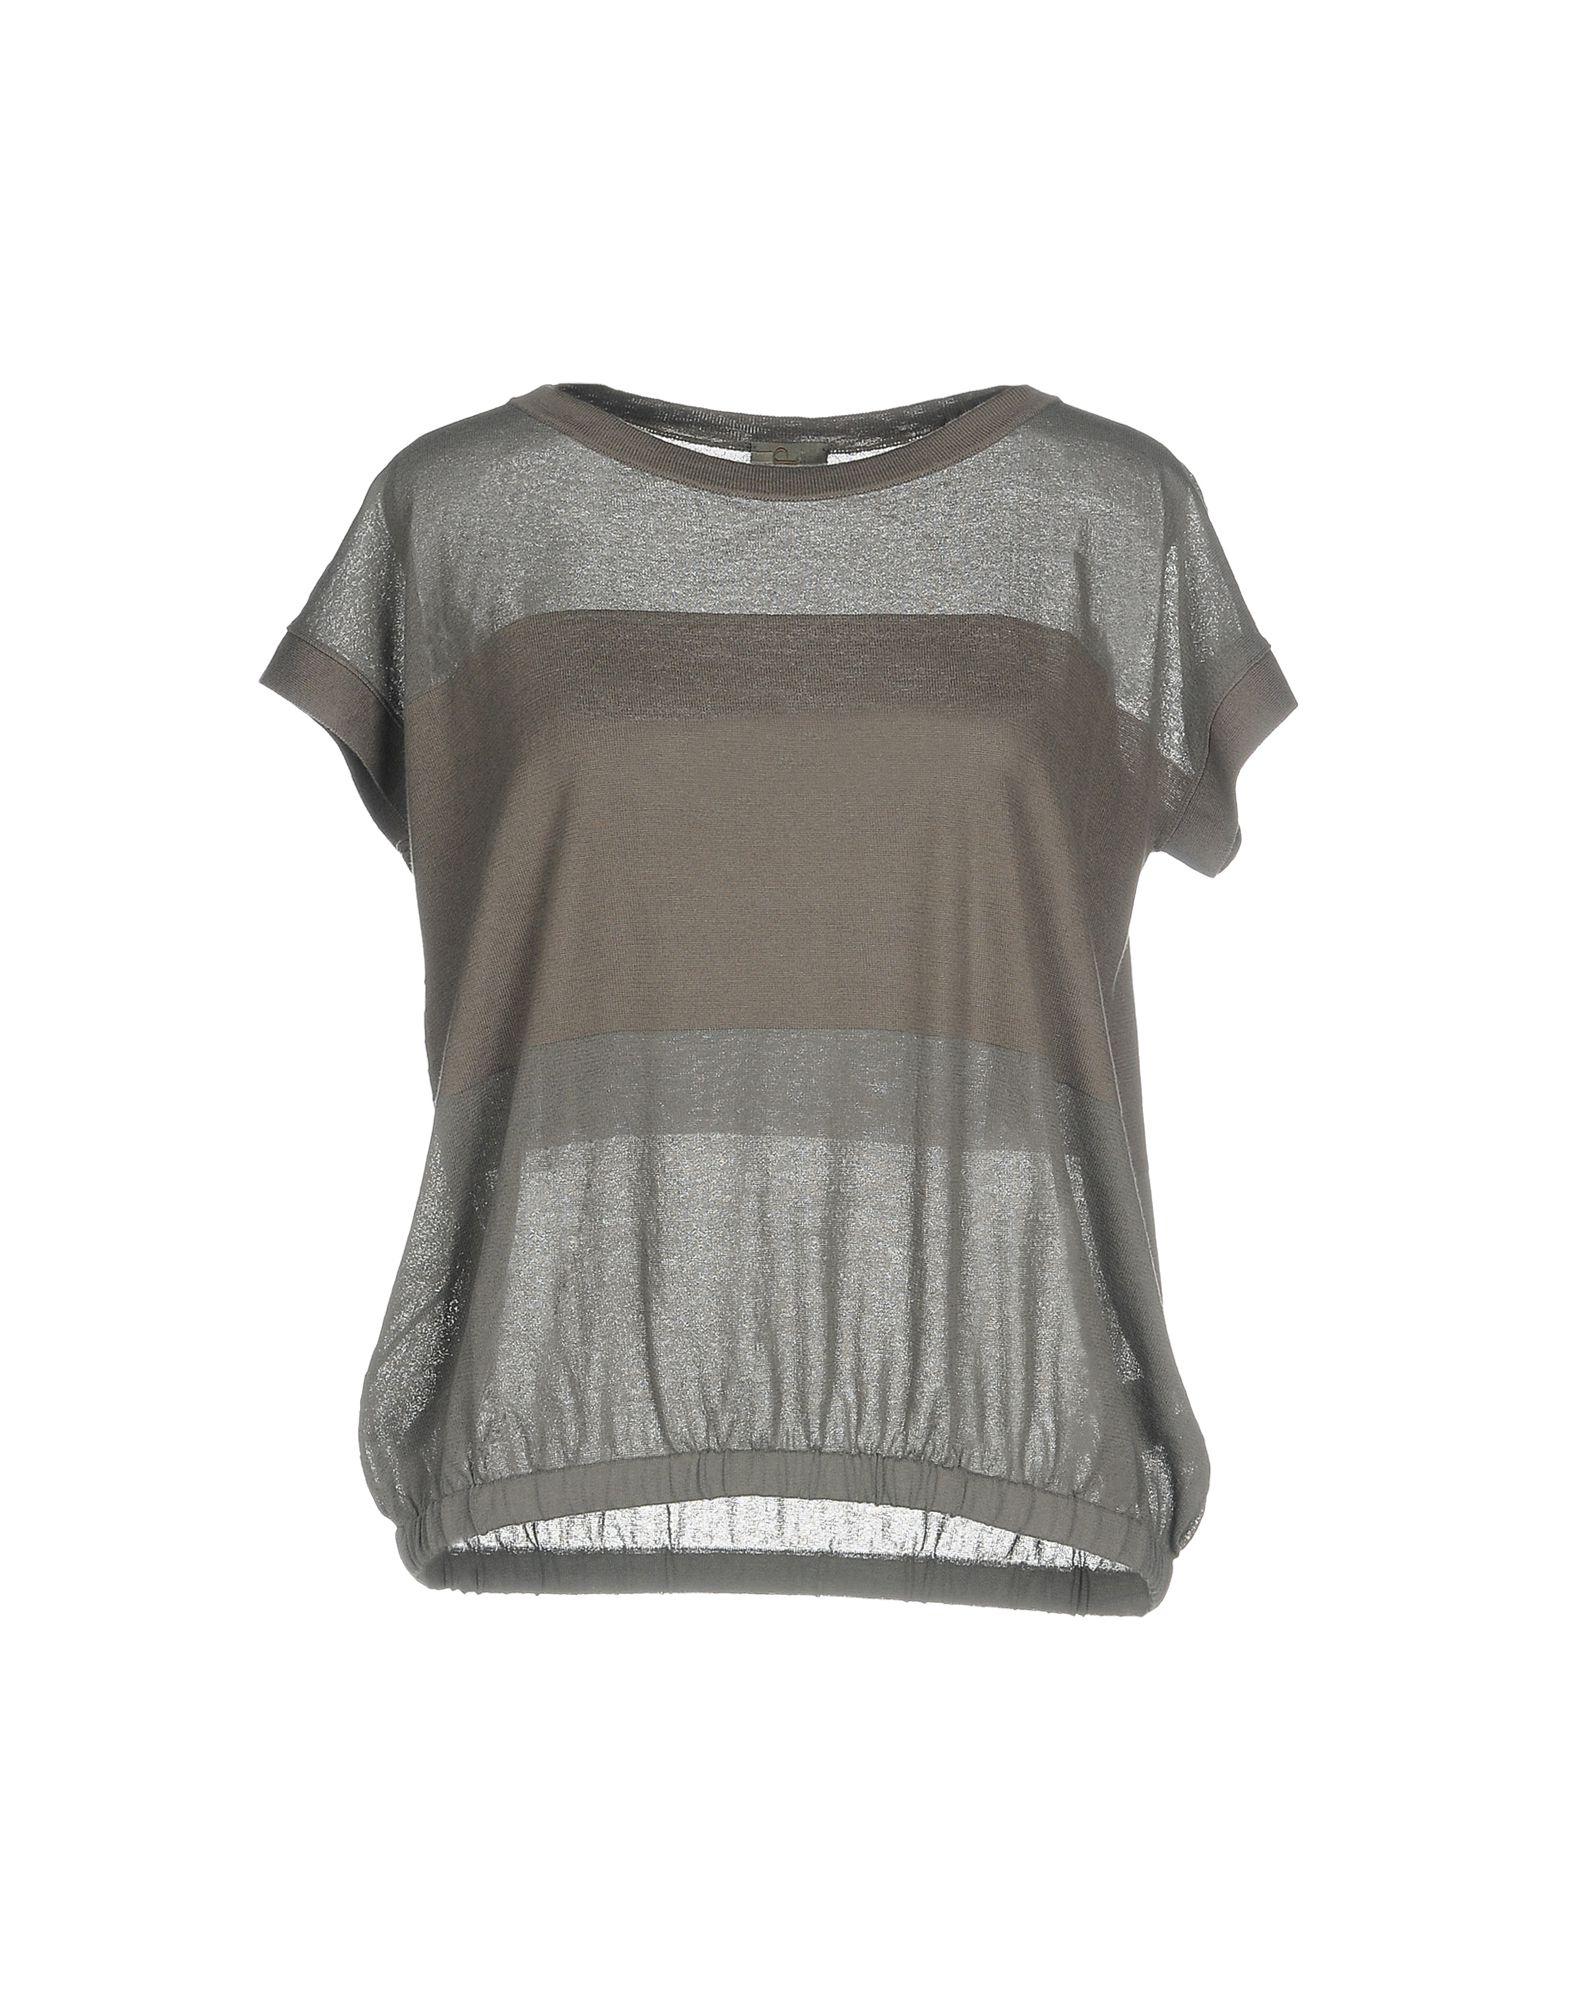 Pullover P One Donna - Acquista online su K8S2xLbI